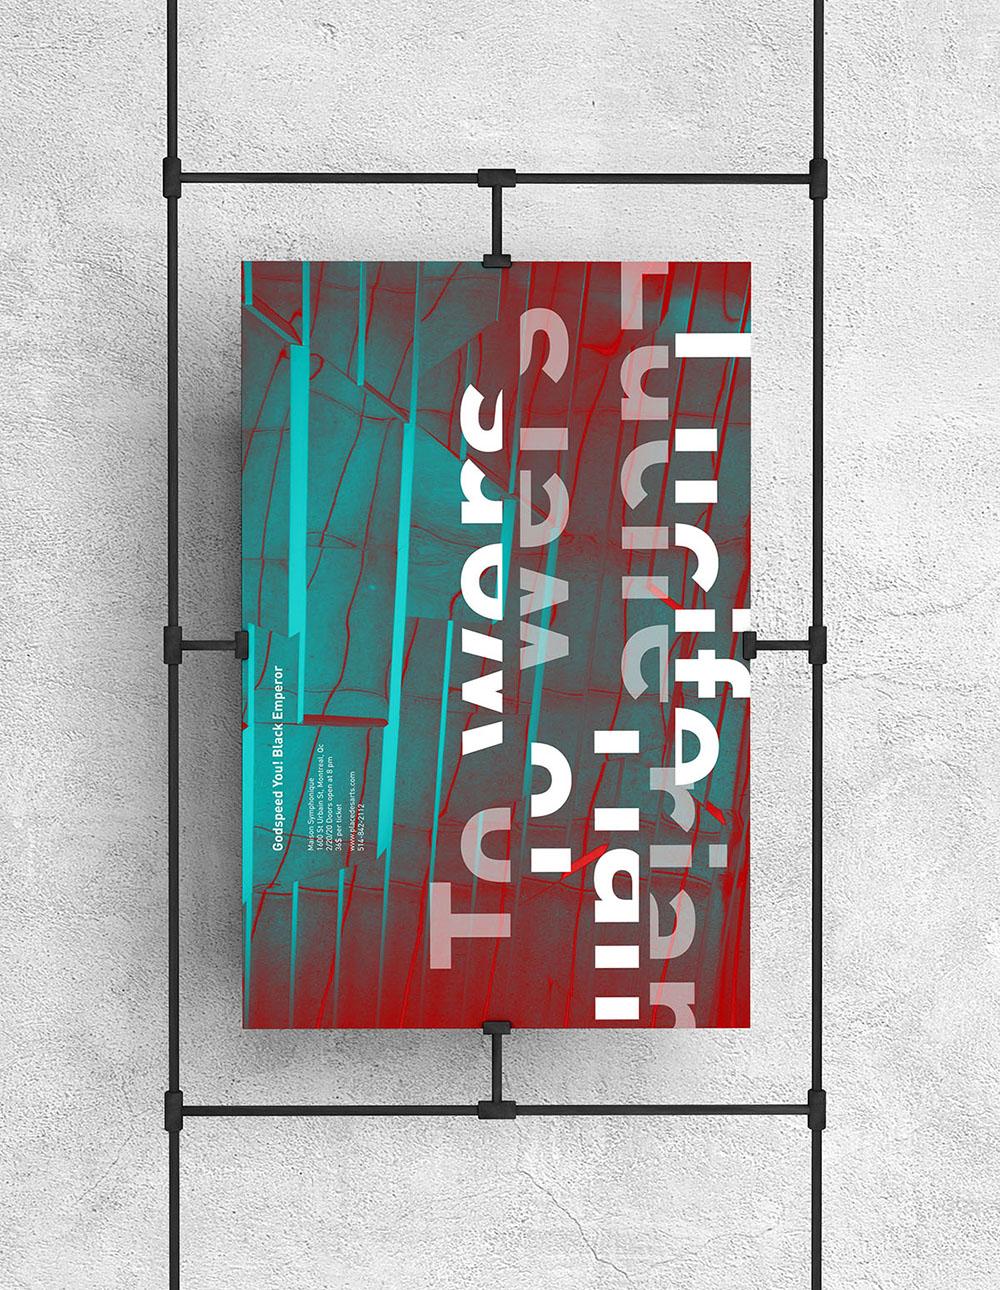 Poster design for Godspeed You! Black Emperor Concert.